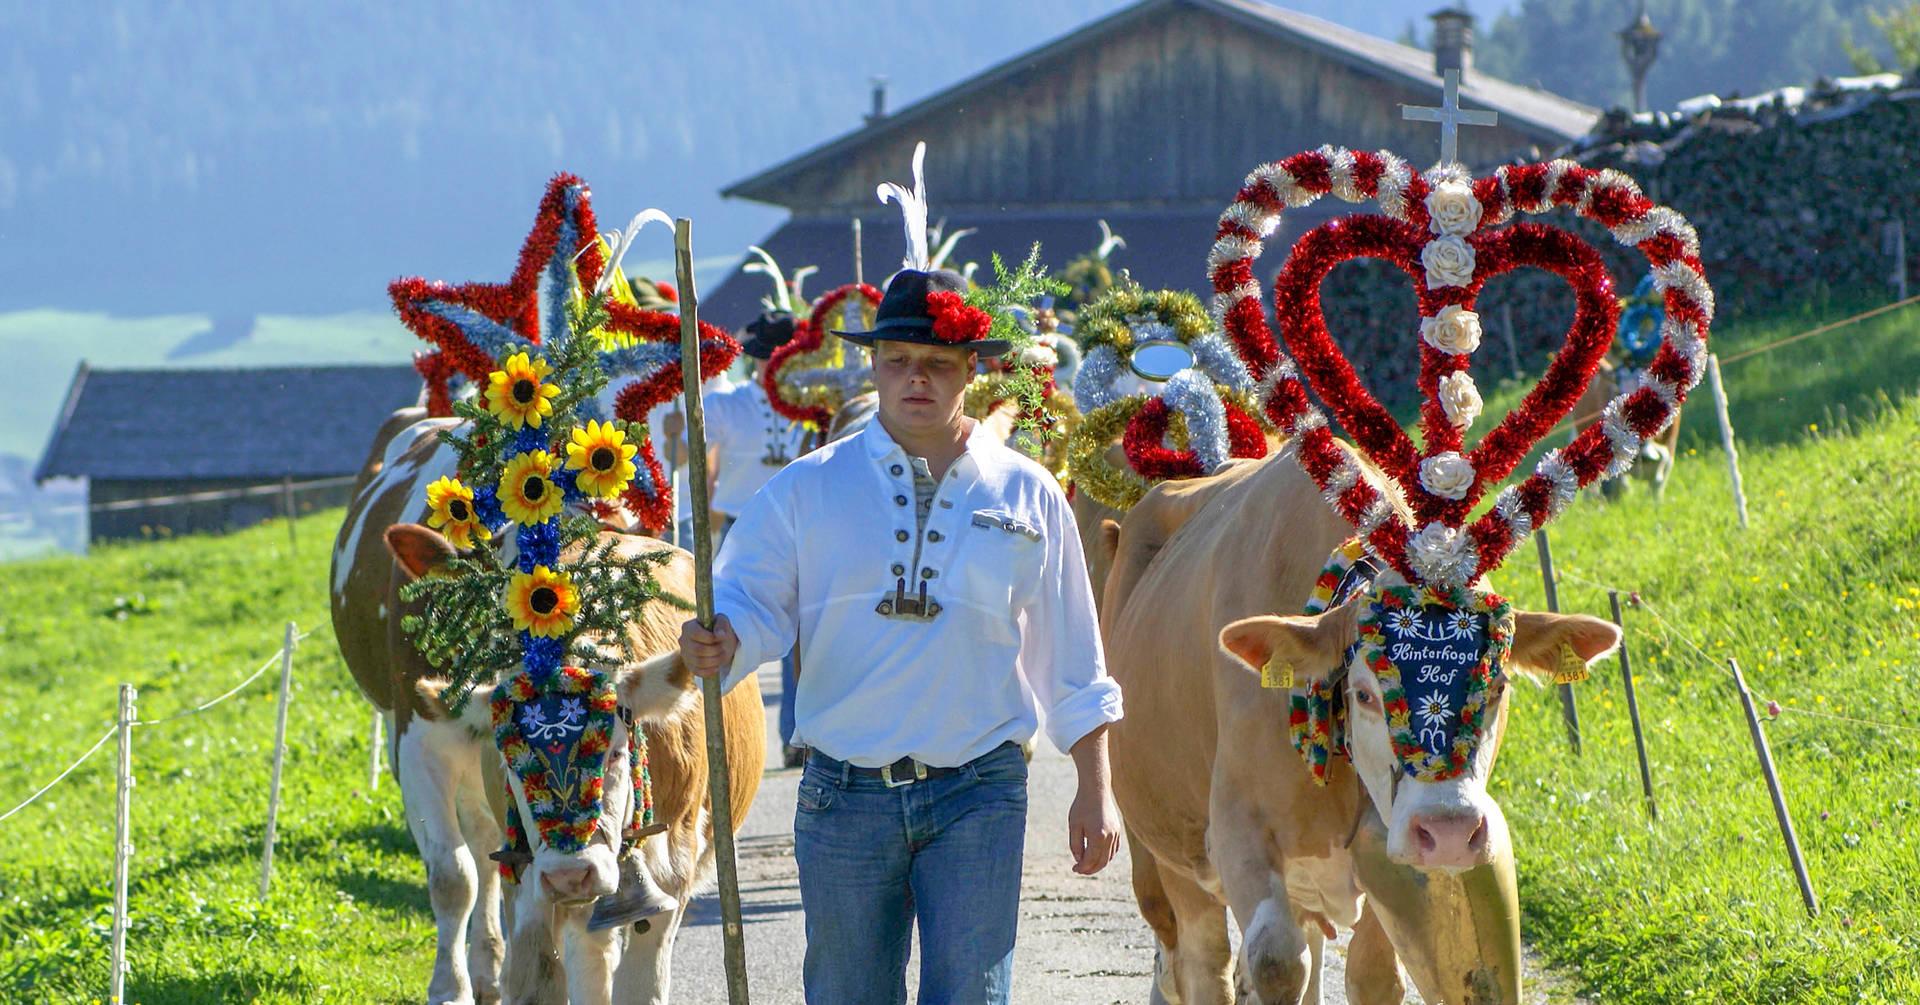 Tiroler Tradtionen erleben